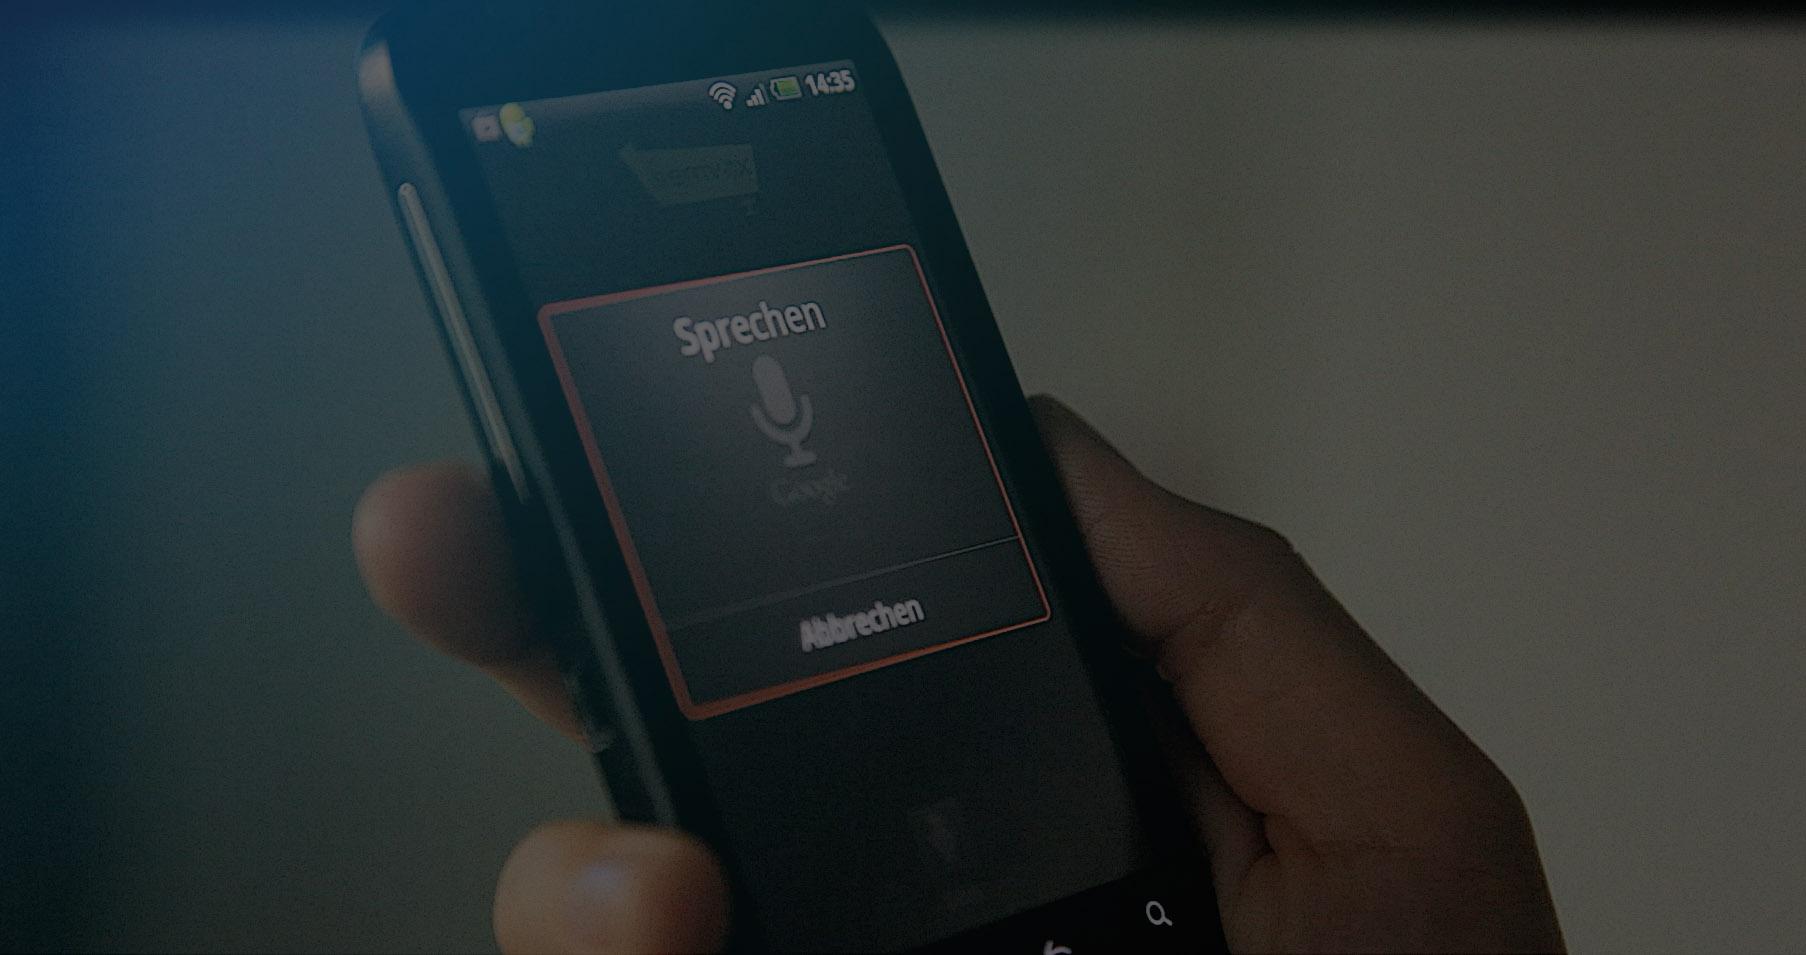 Sprachsteuerung mobile Anwendungen und Apps